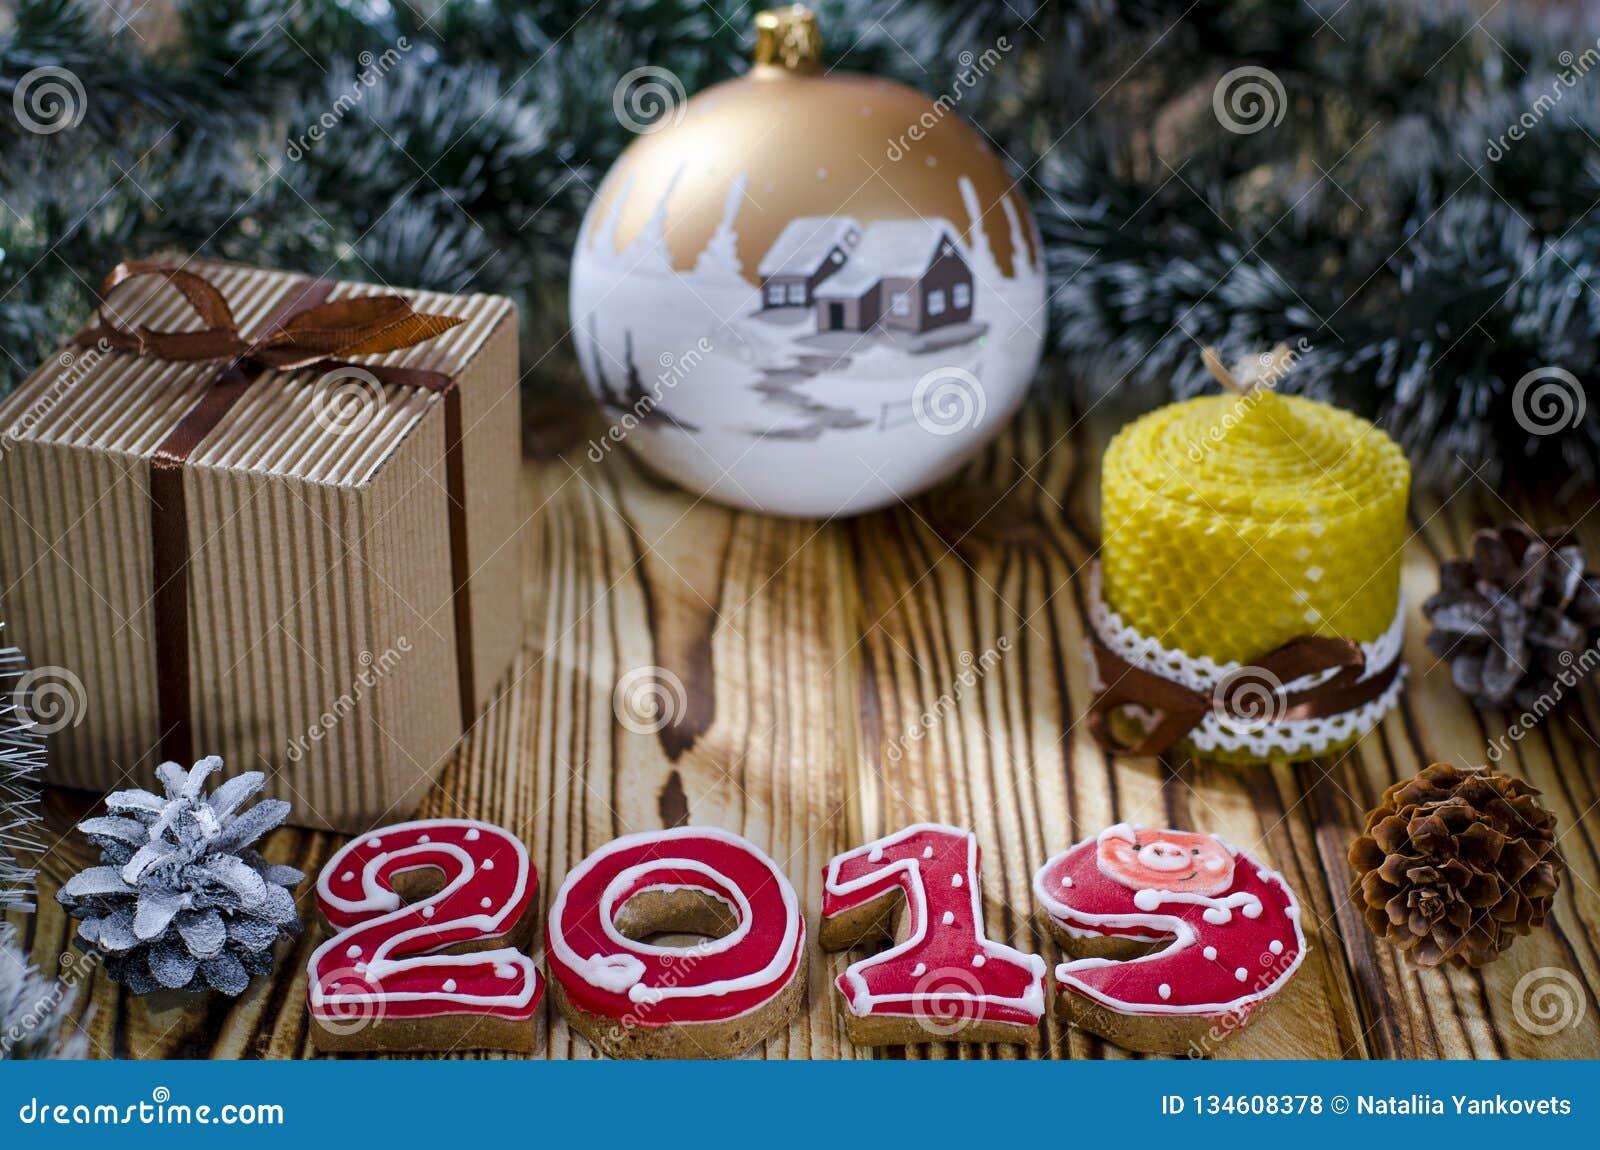 Подарок кладет на деревянный стол рядом со свечой, конусами и ангелом на фоне украшений рождества